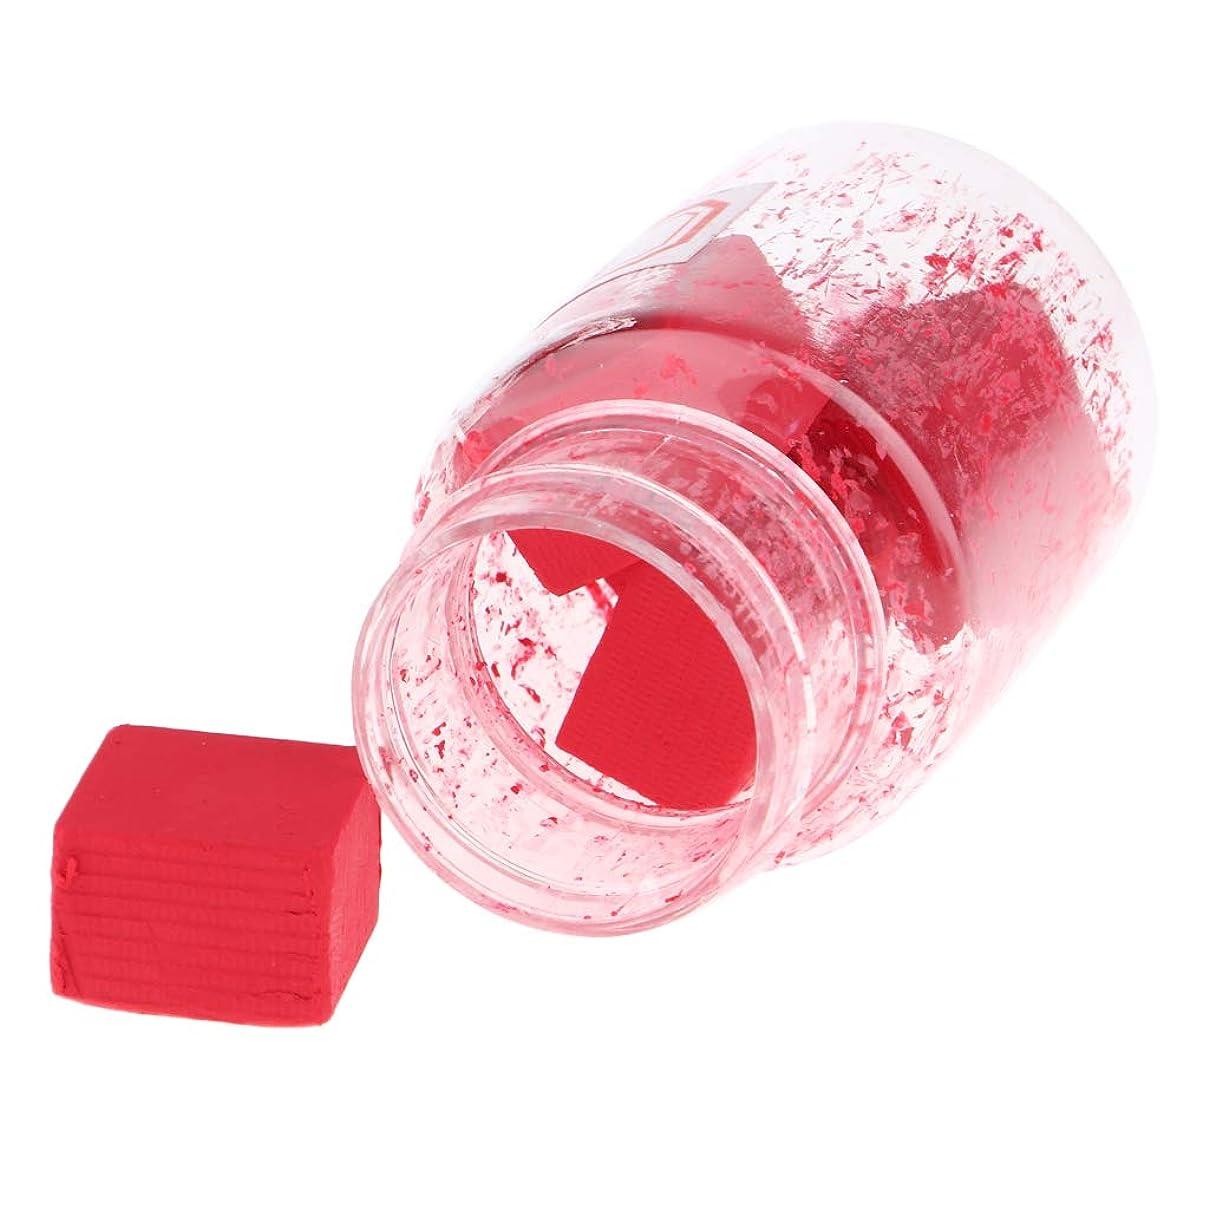 負荷格納戦争Perfeclan 口紅作り DIY リップスティック原料 赤面原料 無ワックス 無粉砕 無飛翔粉末 9色選択でき - B